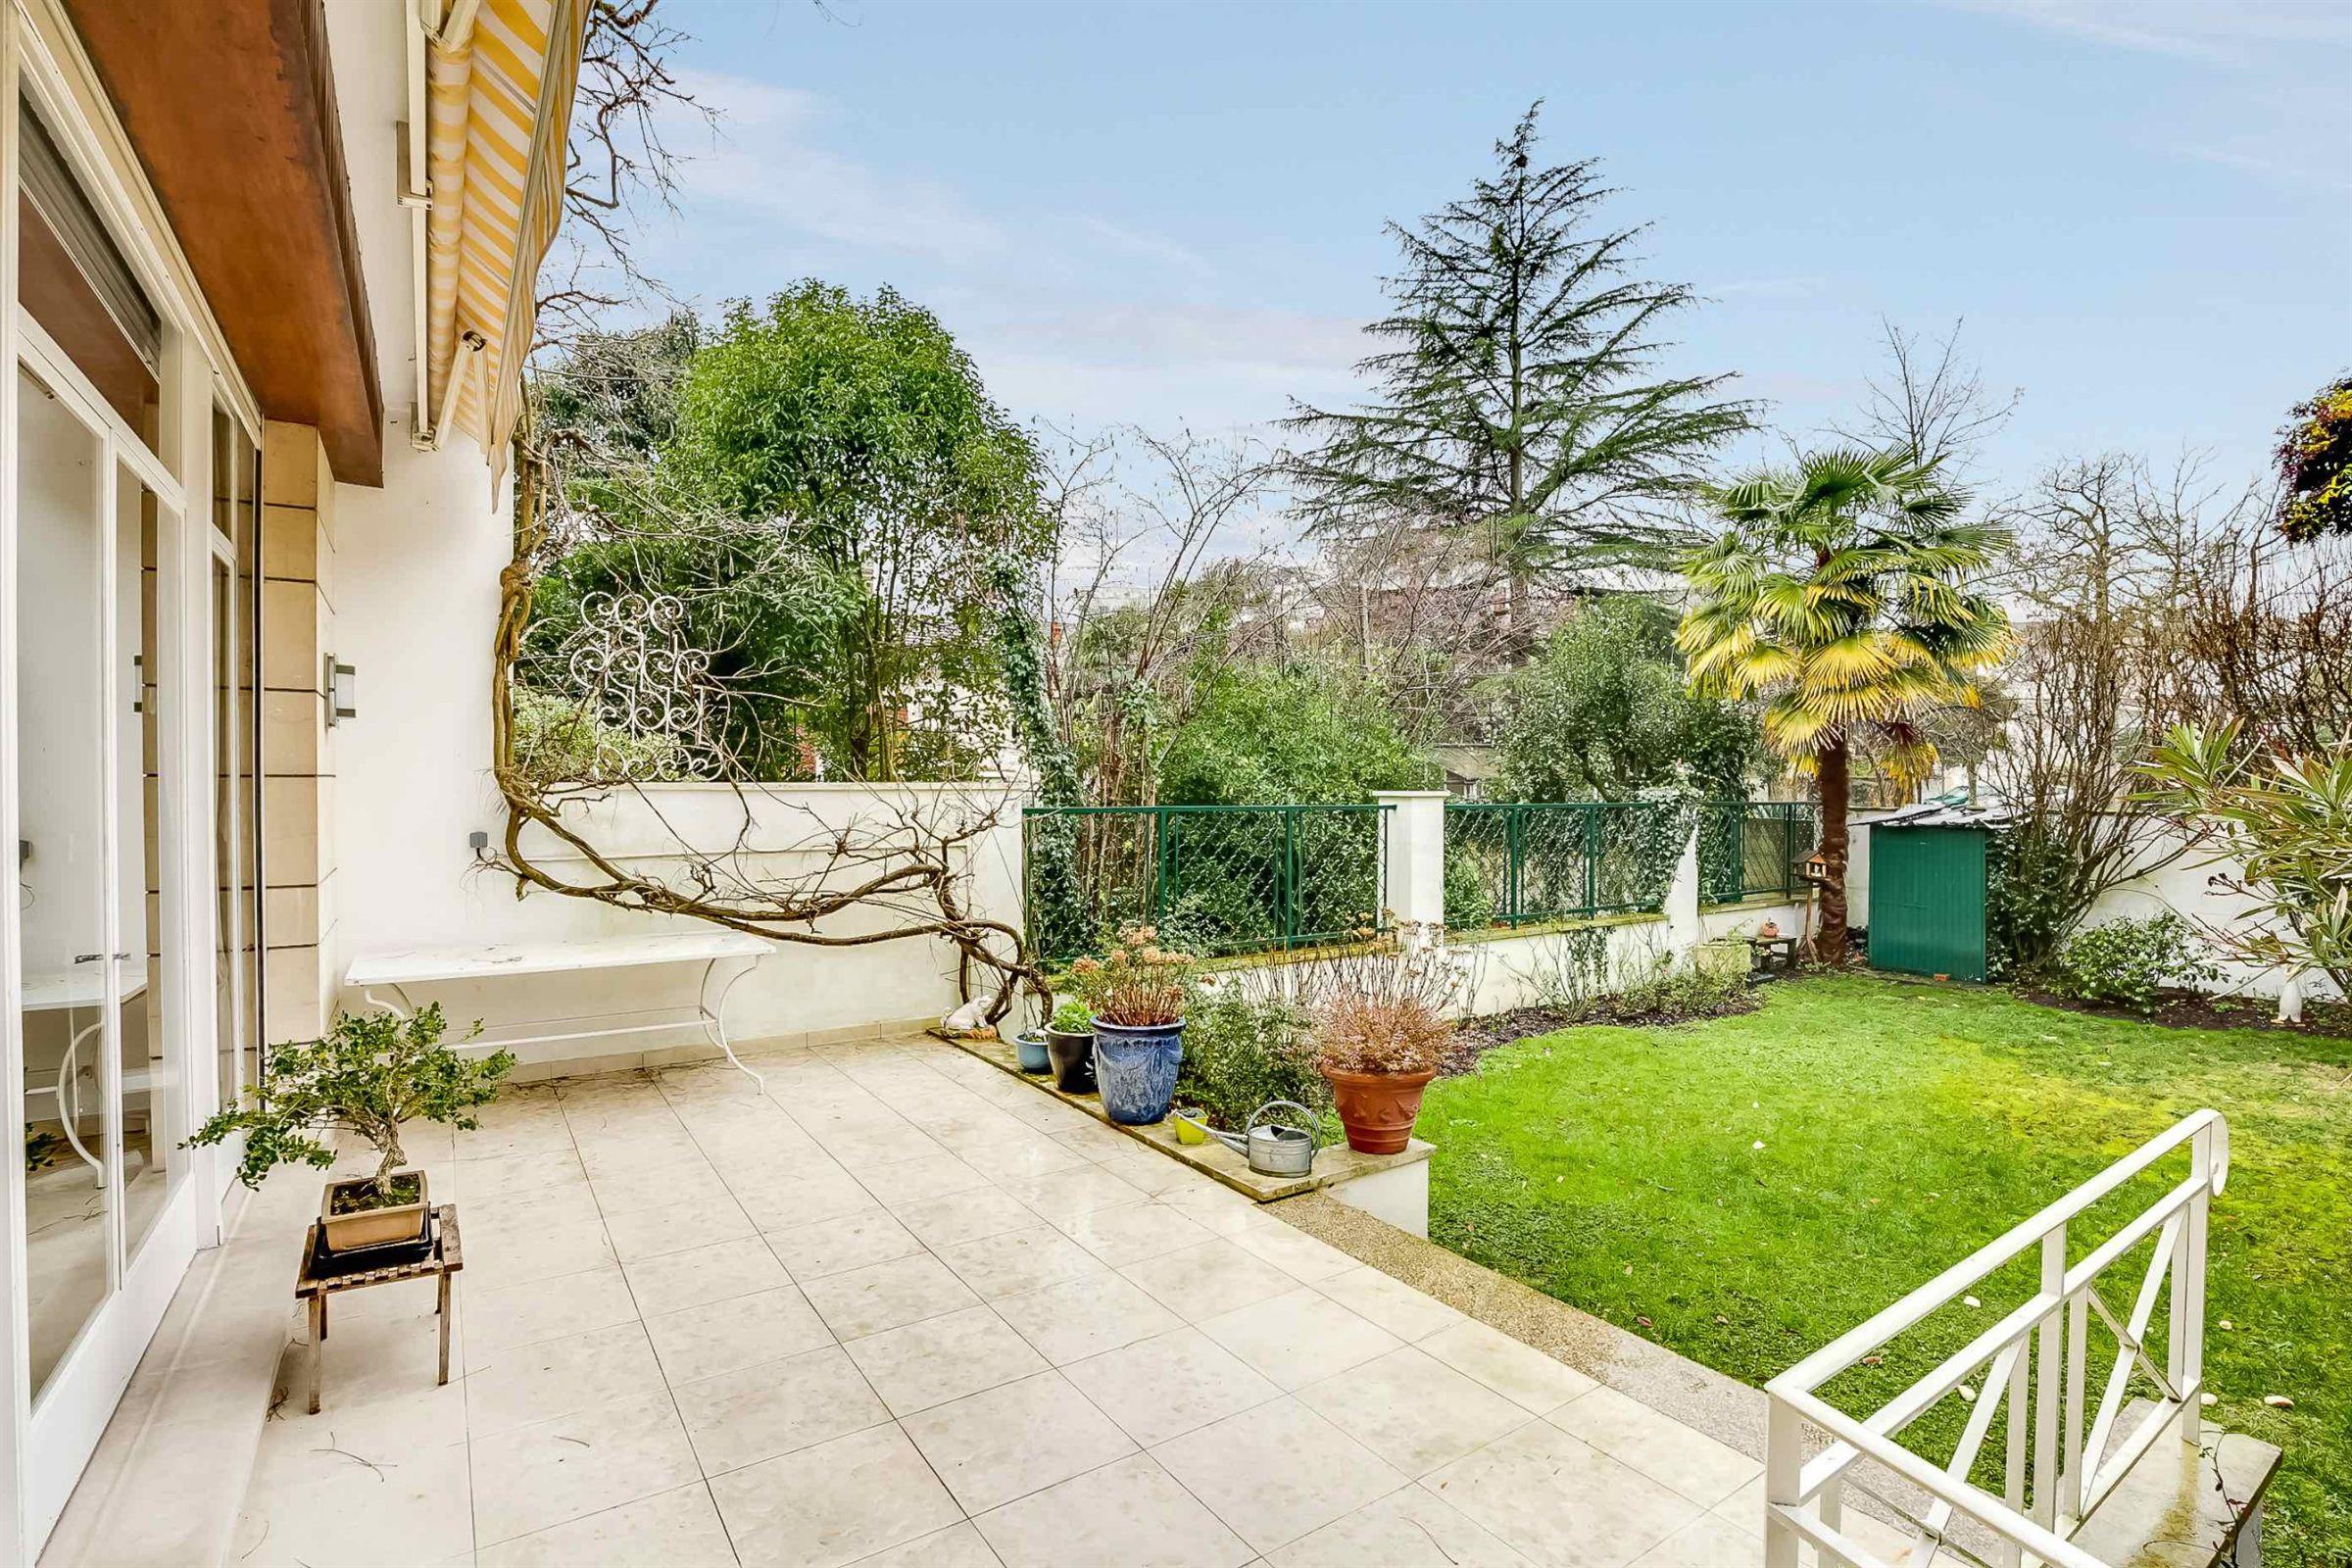 Einfamilienhaus für Verkauf beim BORDEAUX - VERY SPACIOUS CONTEMPORARY SINGLE-FAMILY HOME Bordeaux, Aquitanien, 33000 Frankreich